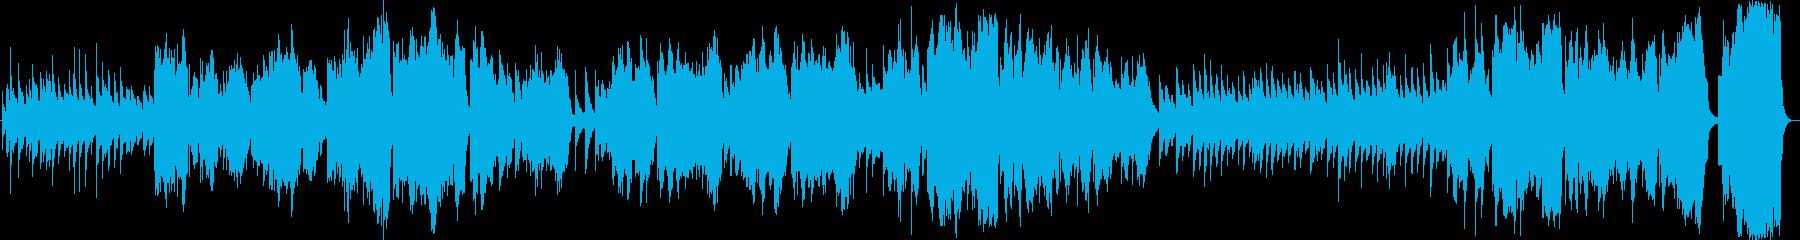 忘れな草 切ないカンツォーネの再生済みの波形